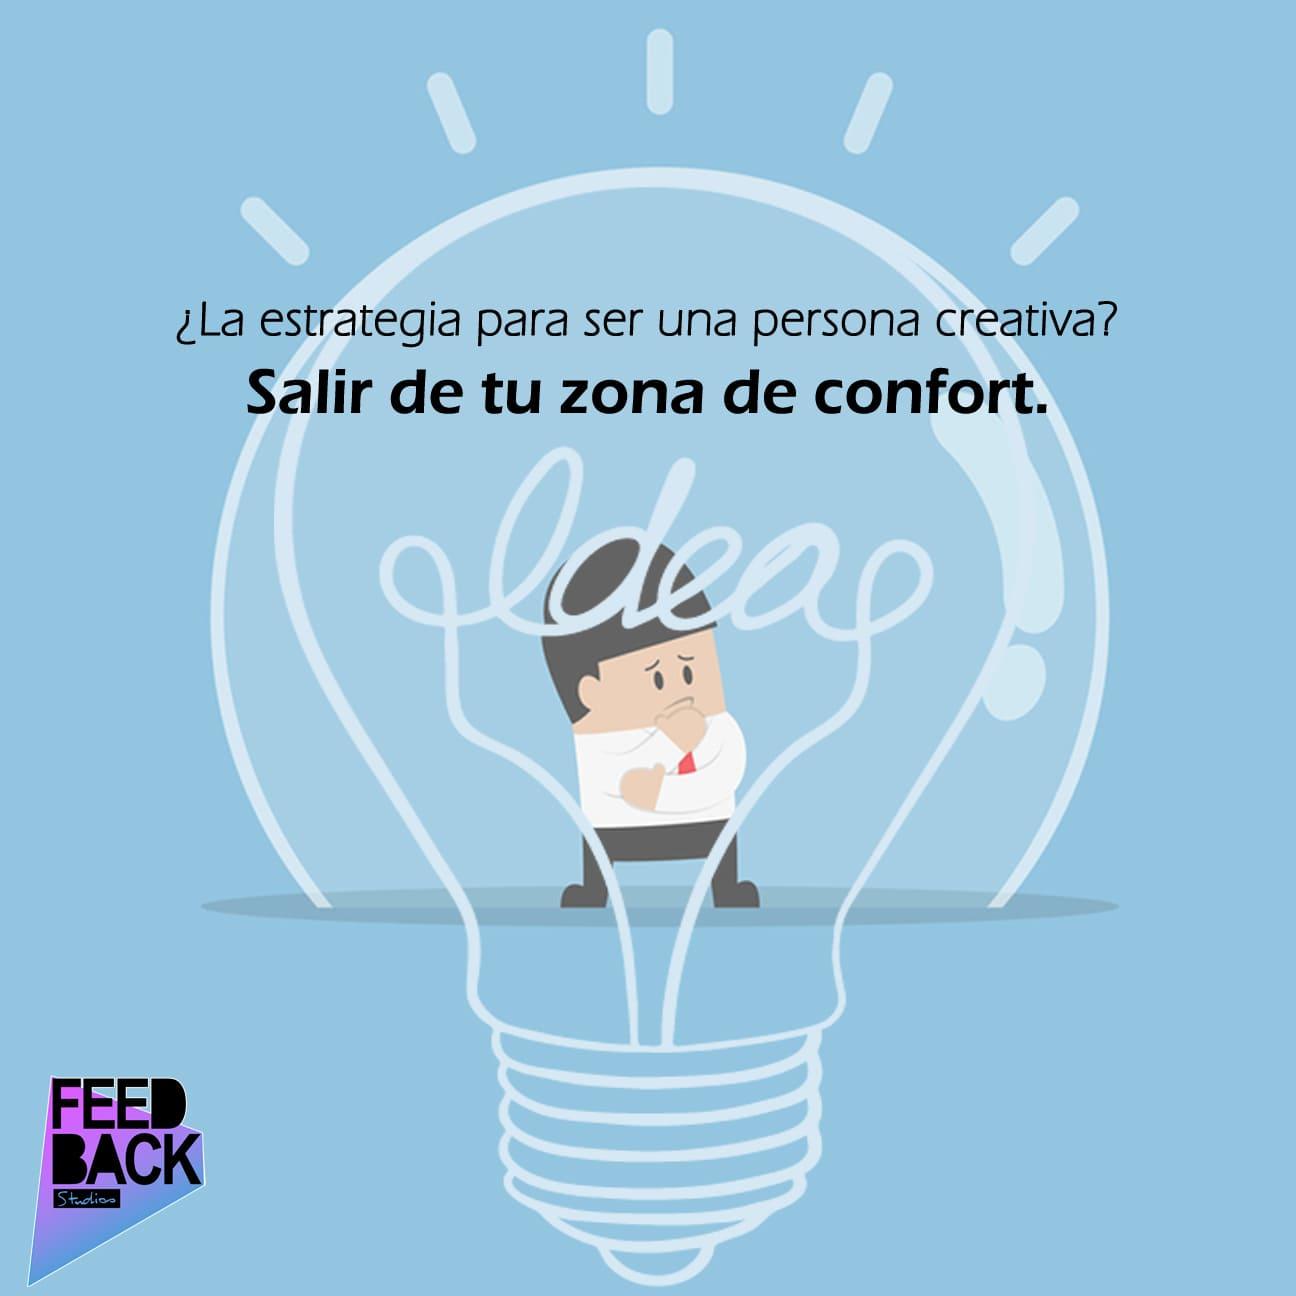 7 ideas para ser una persona creativa